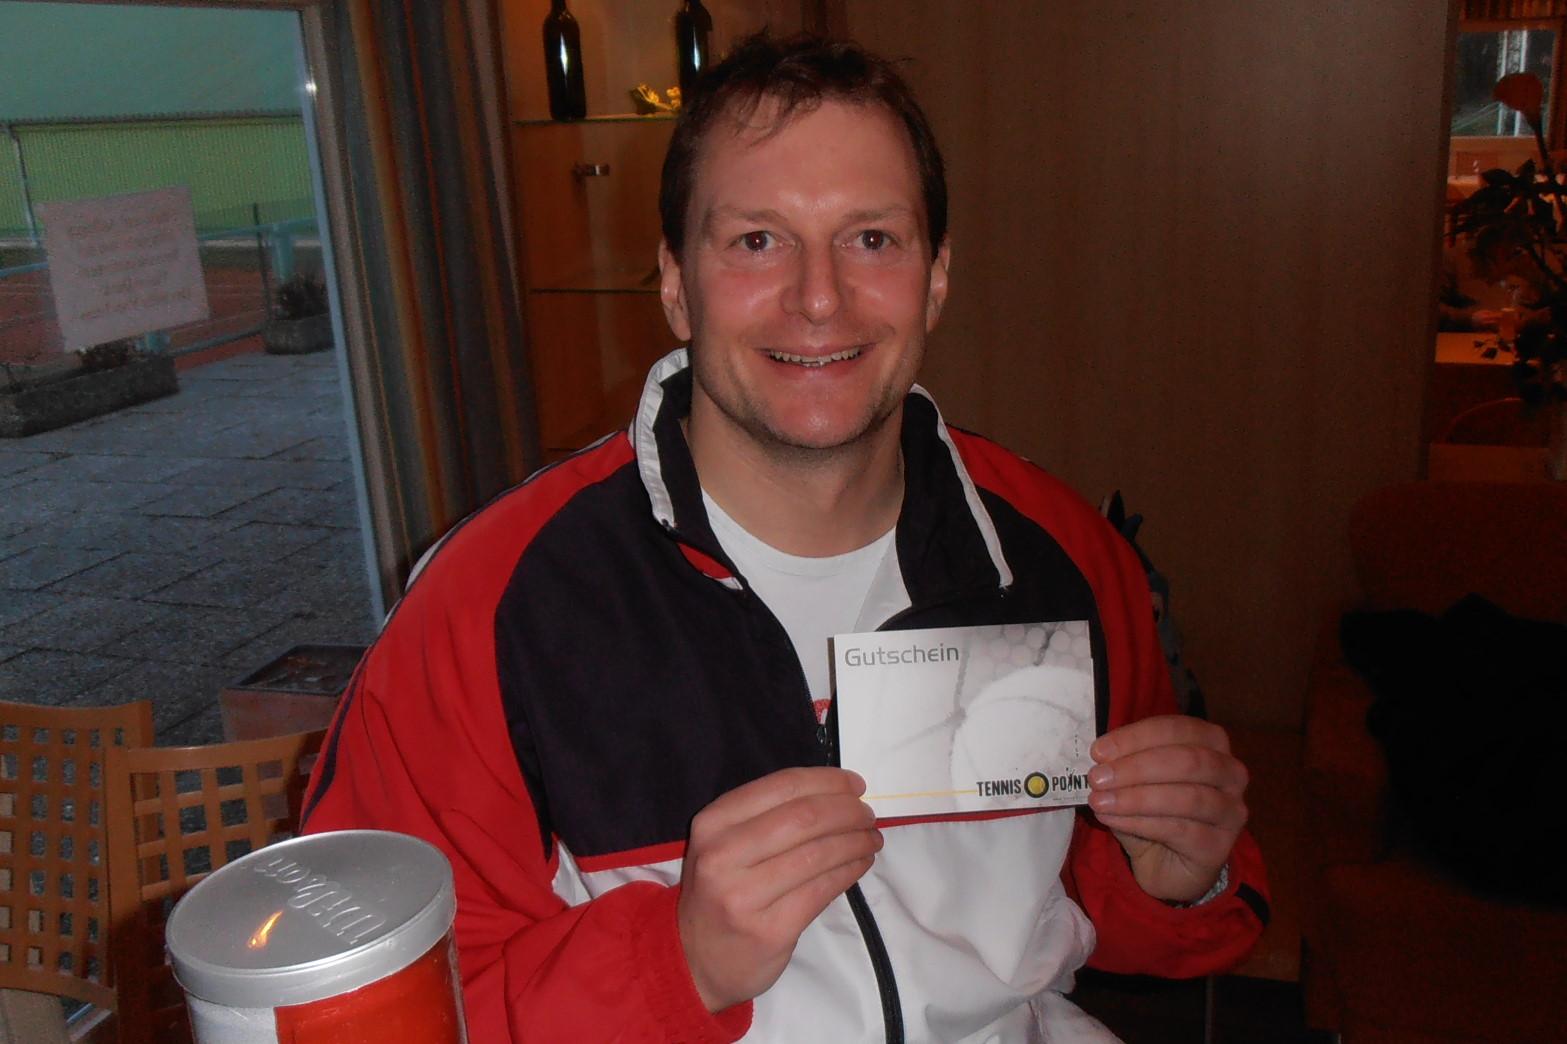 Alexander Eichhorn